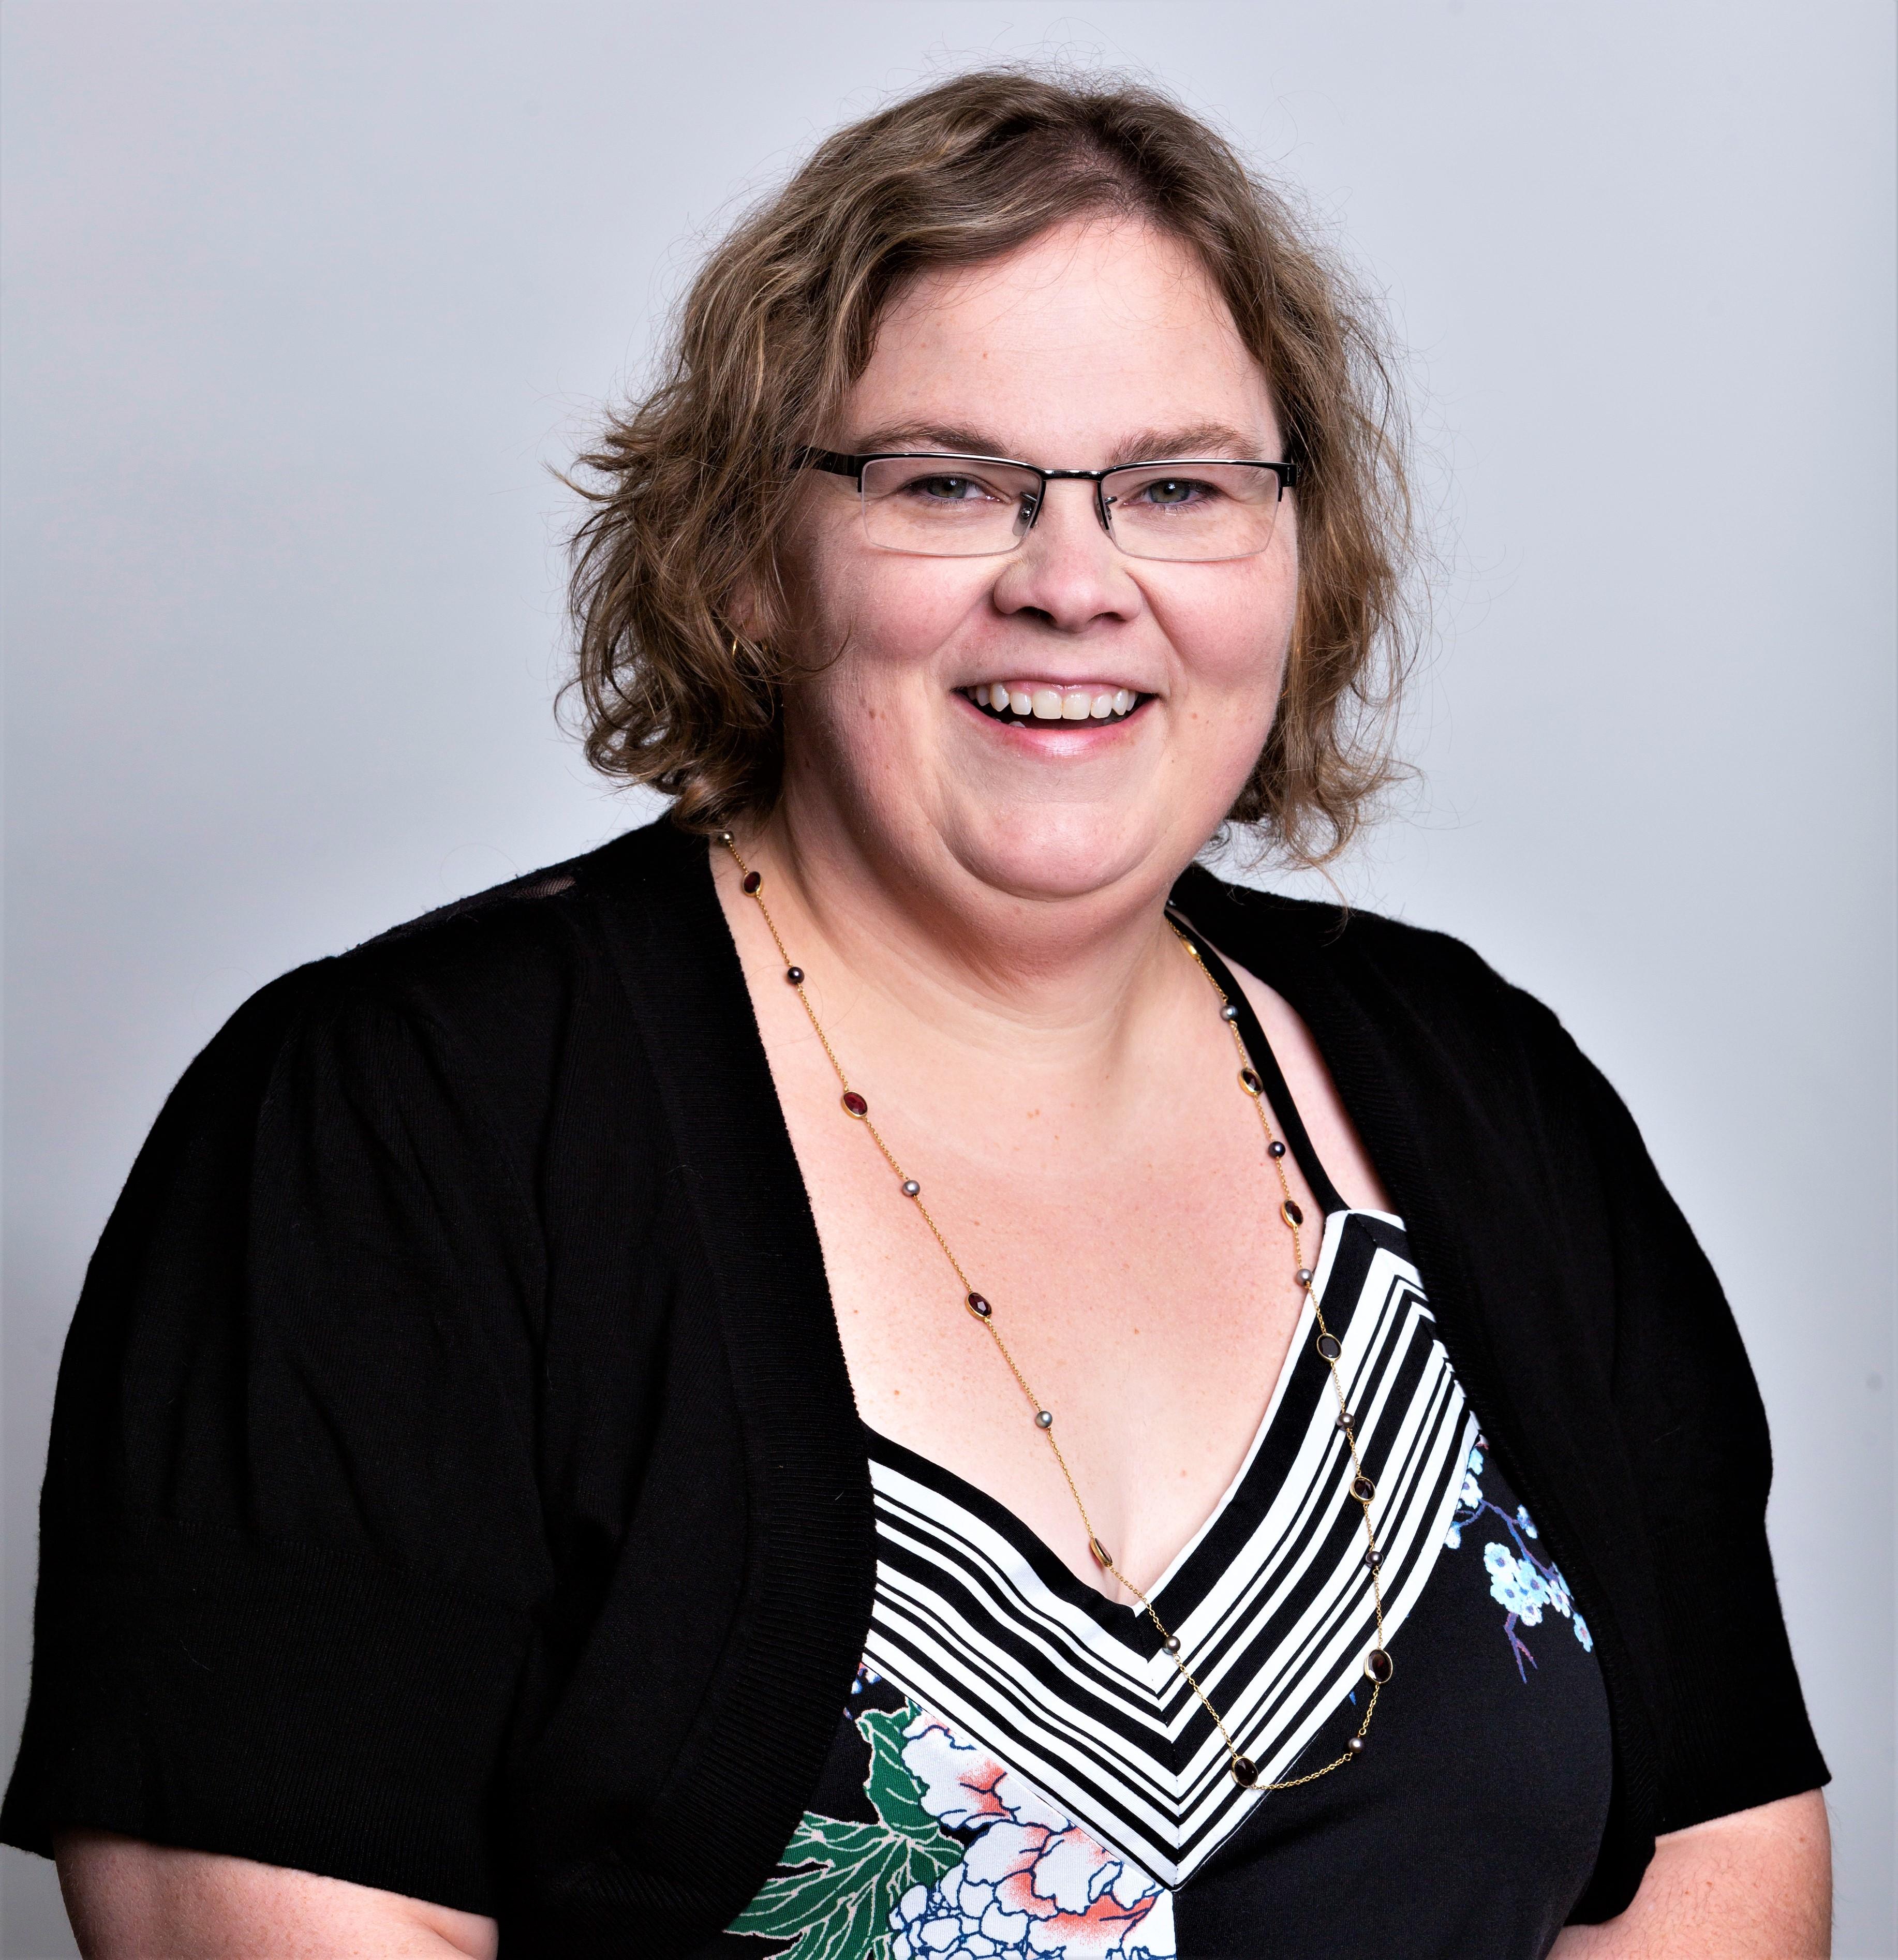 Melissa Eaden